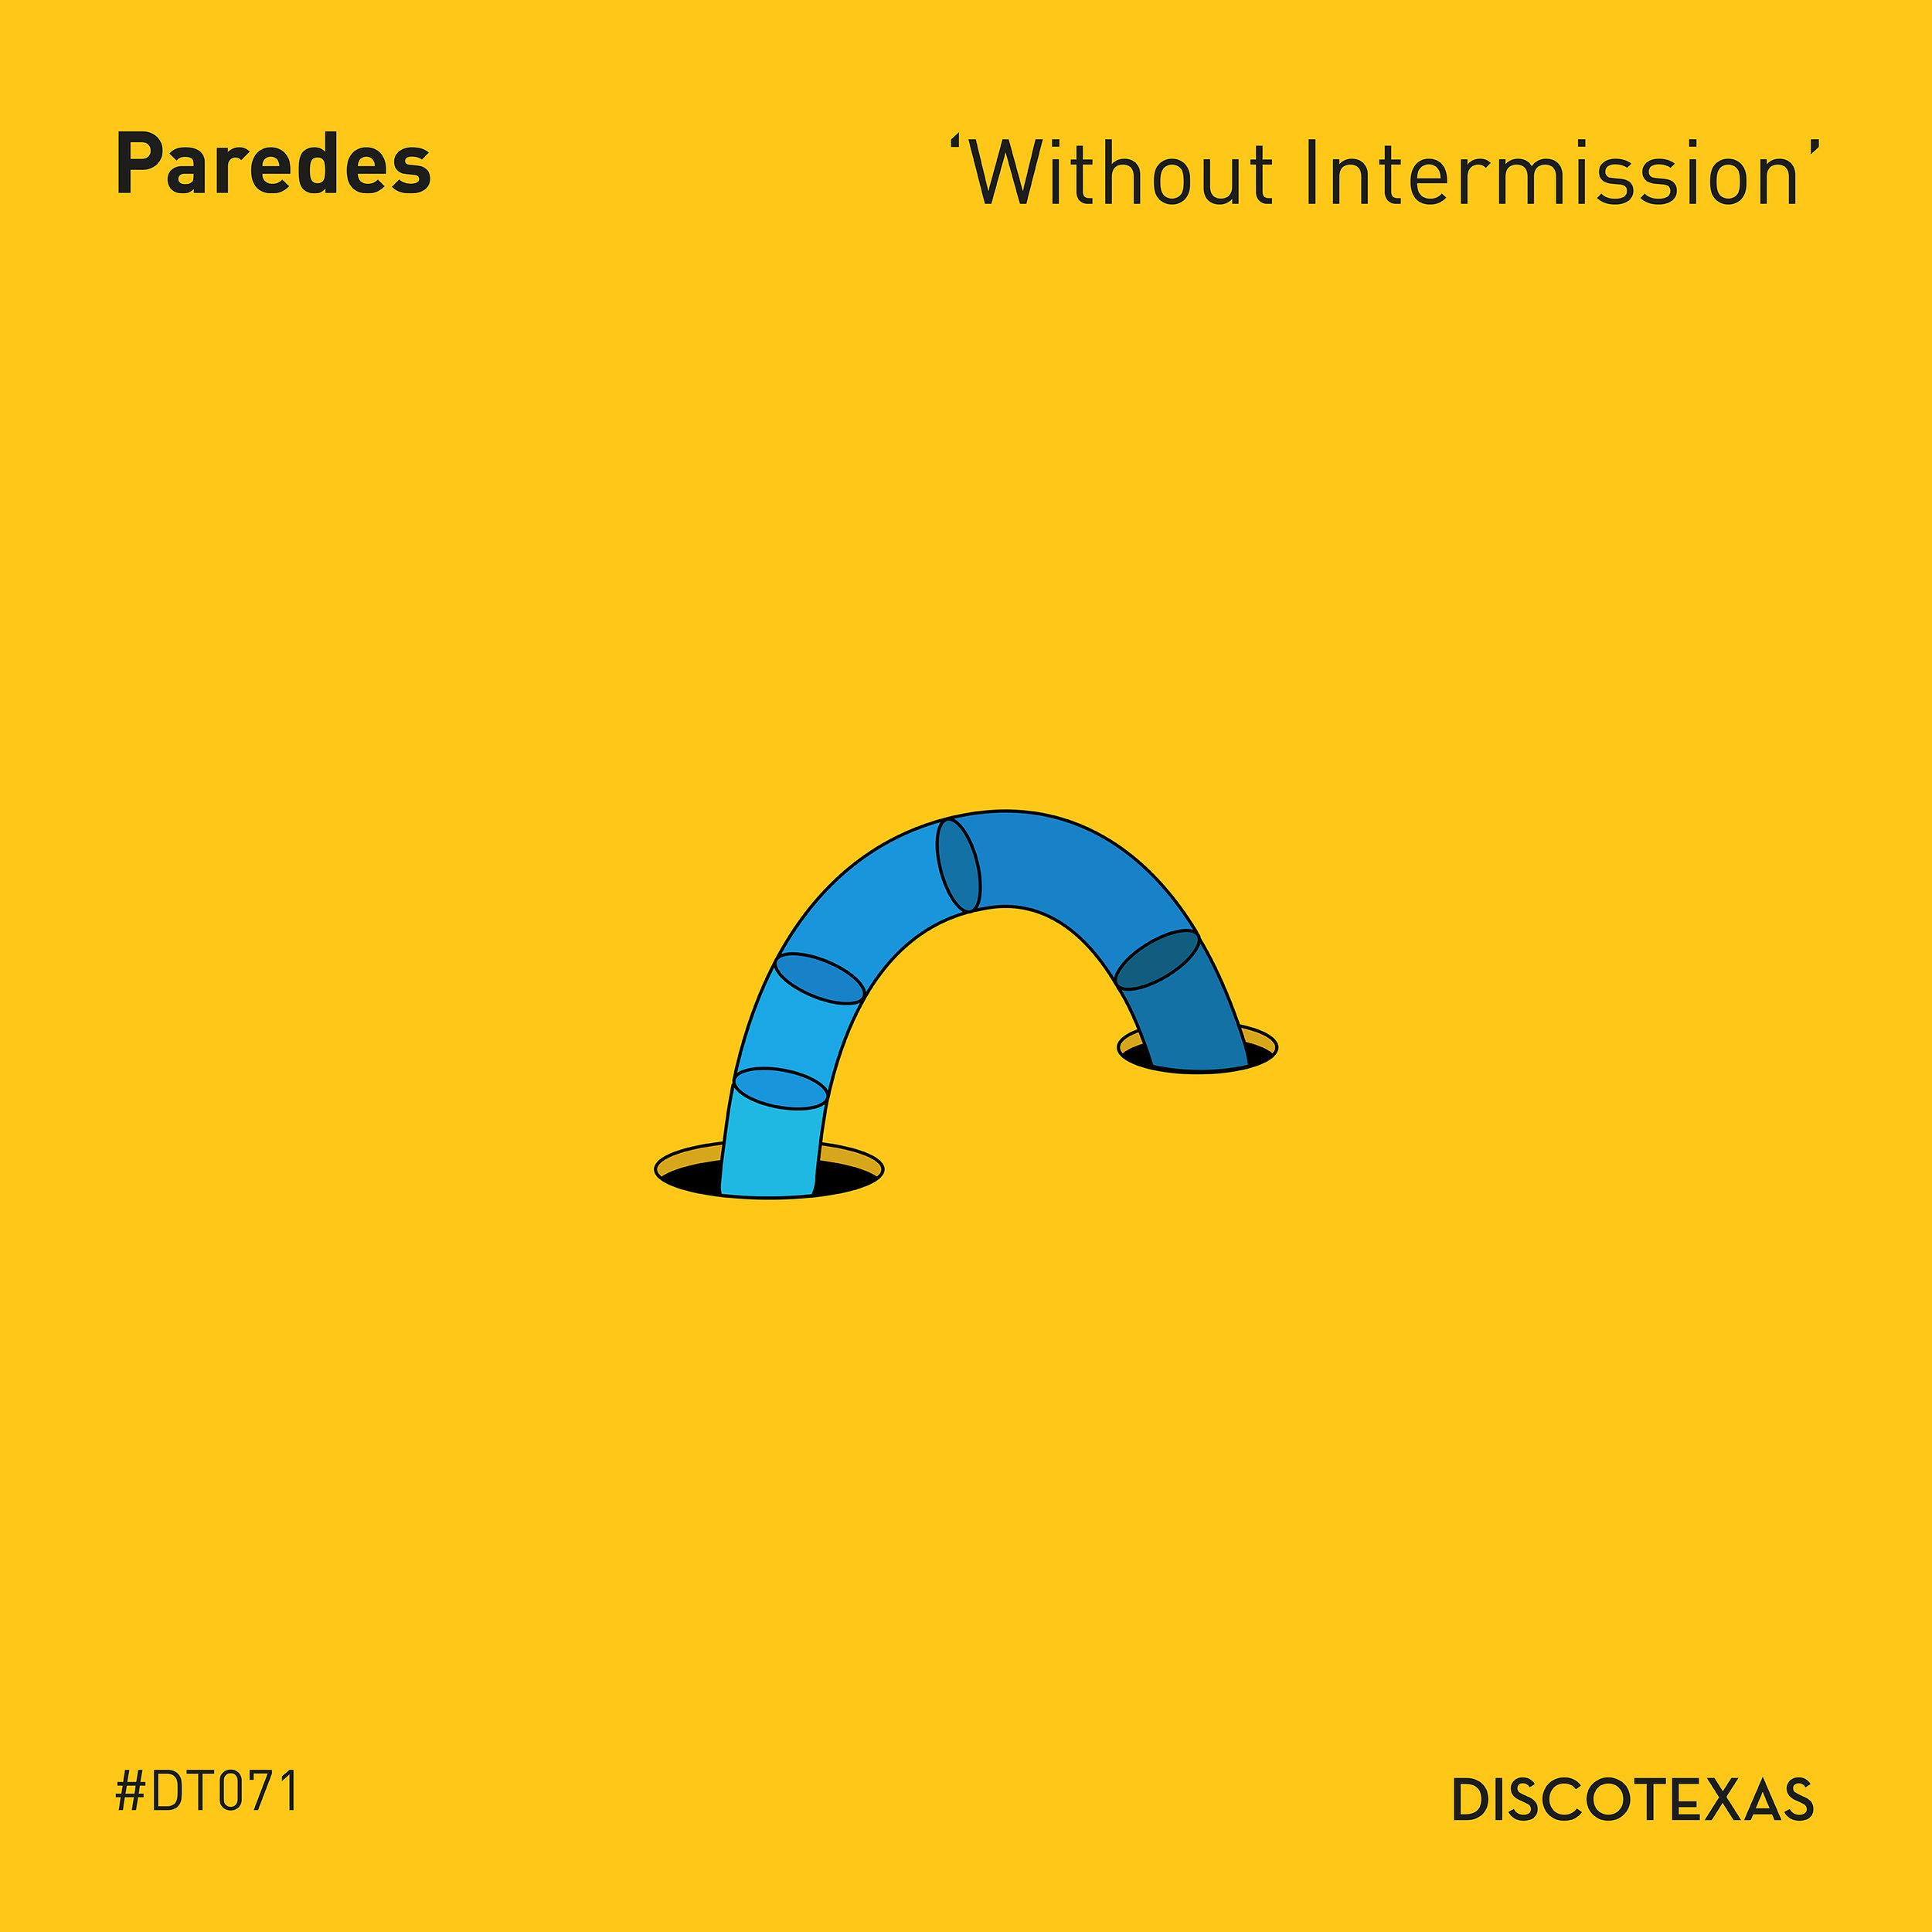 DT071: Paredes - Without Intermission